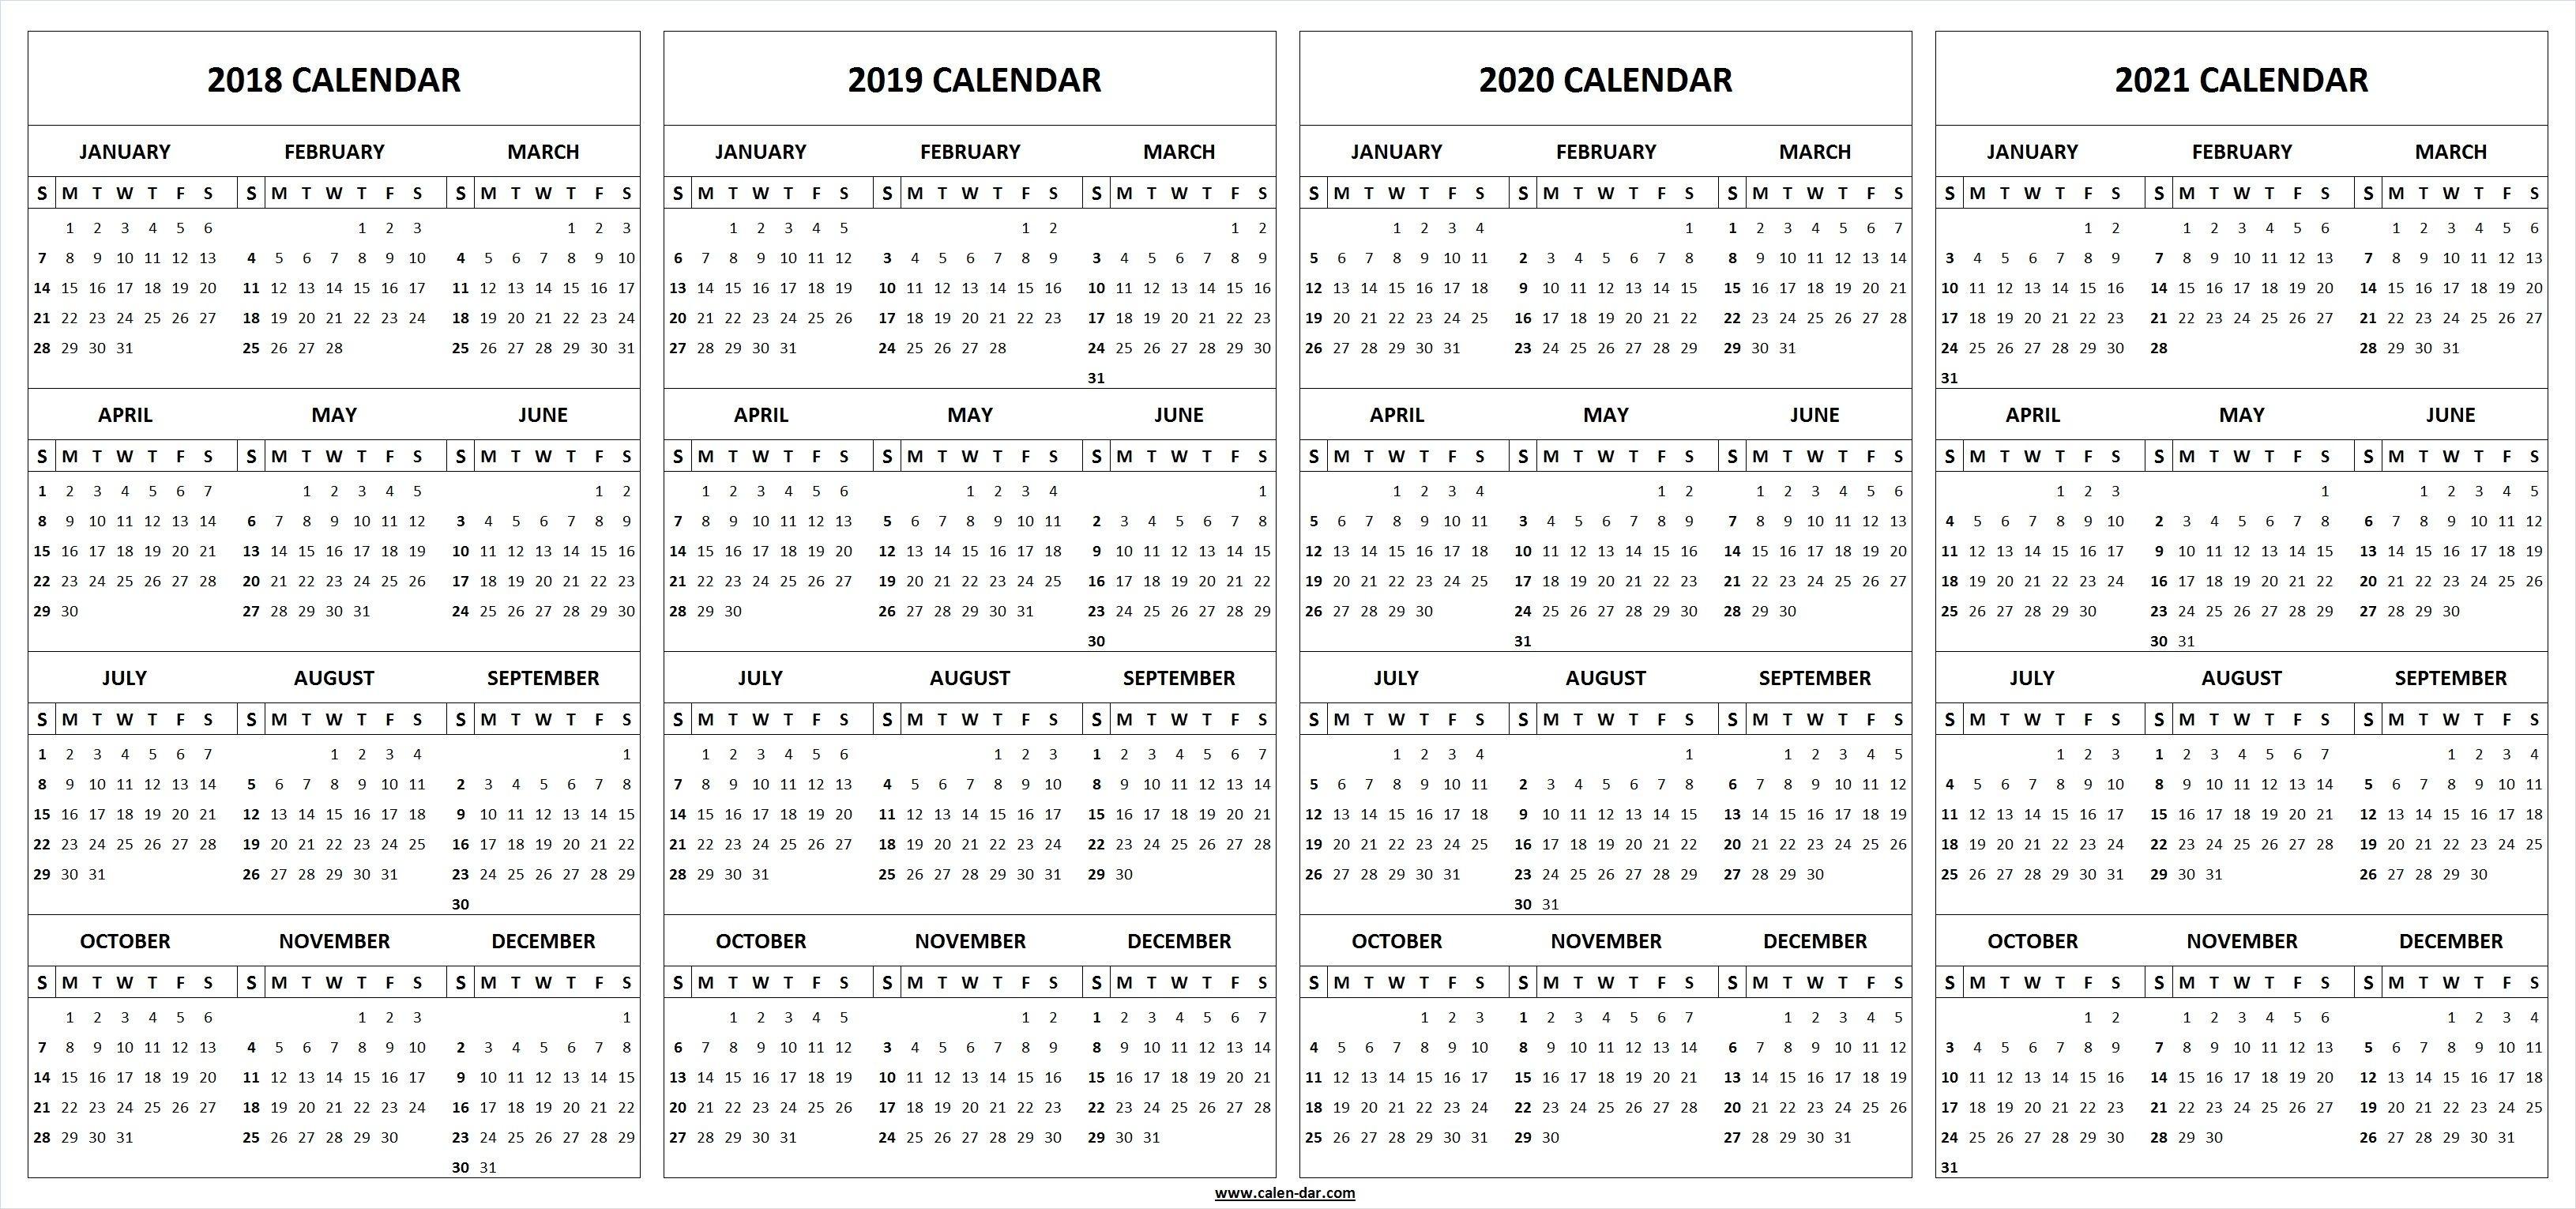 4 Four Year 2018 2019 2020 2021 Calendar Printable Template with Calendar 2019 2020 2021